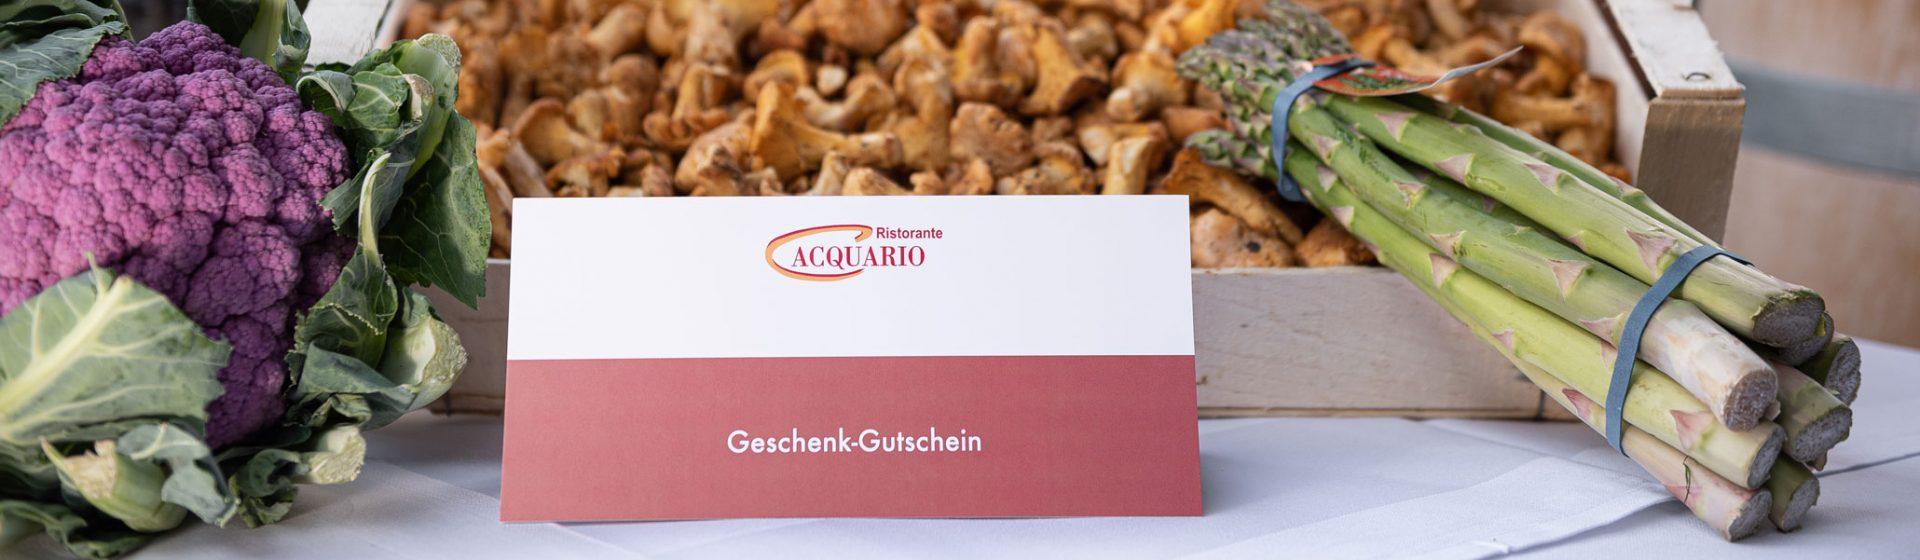 Acquario Restaurant Gutschein